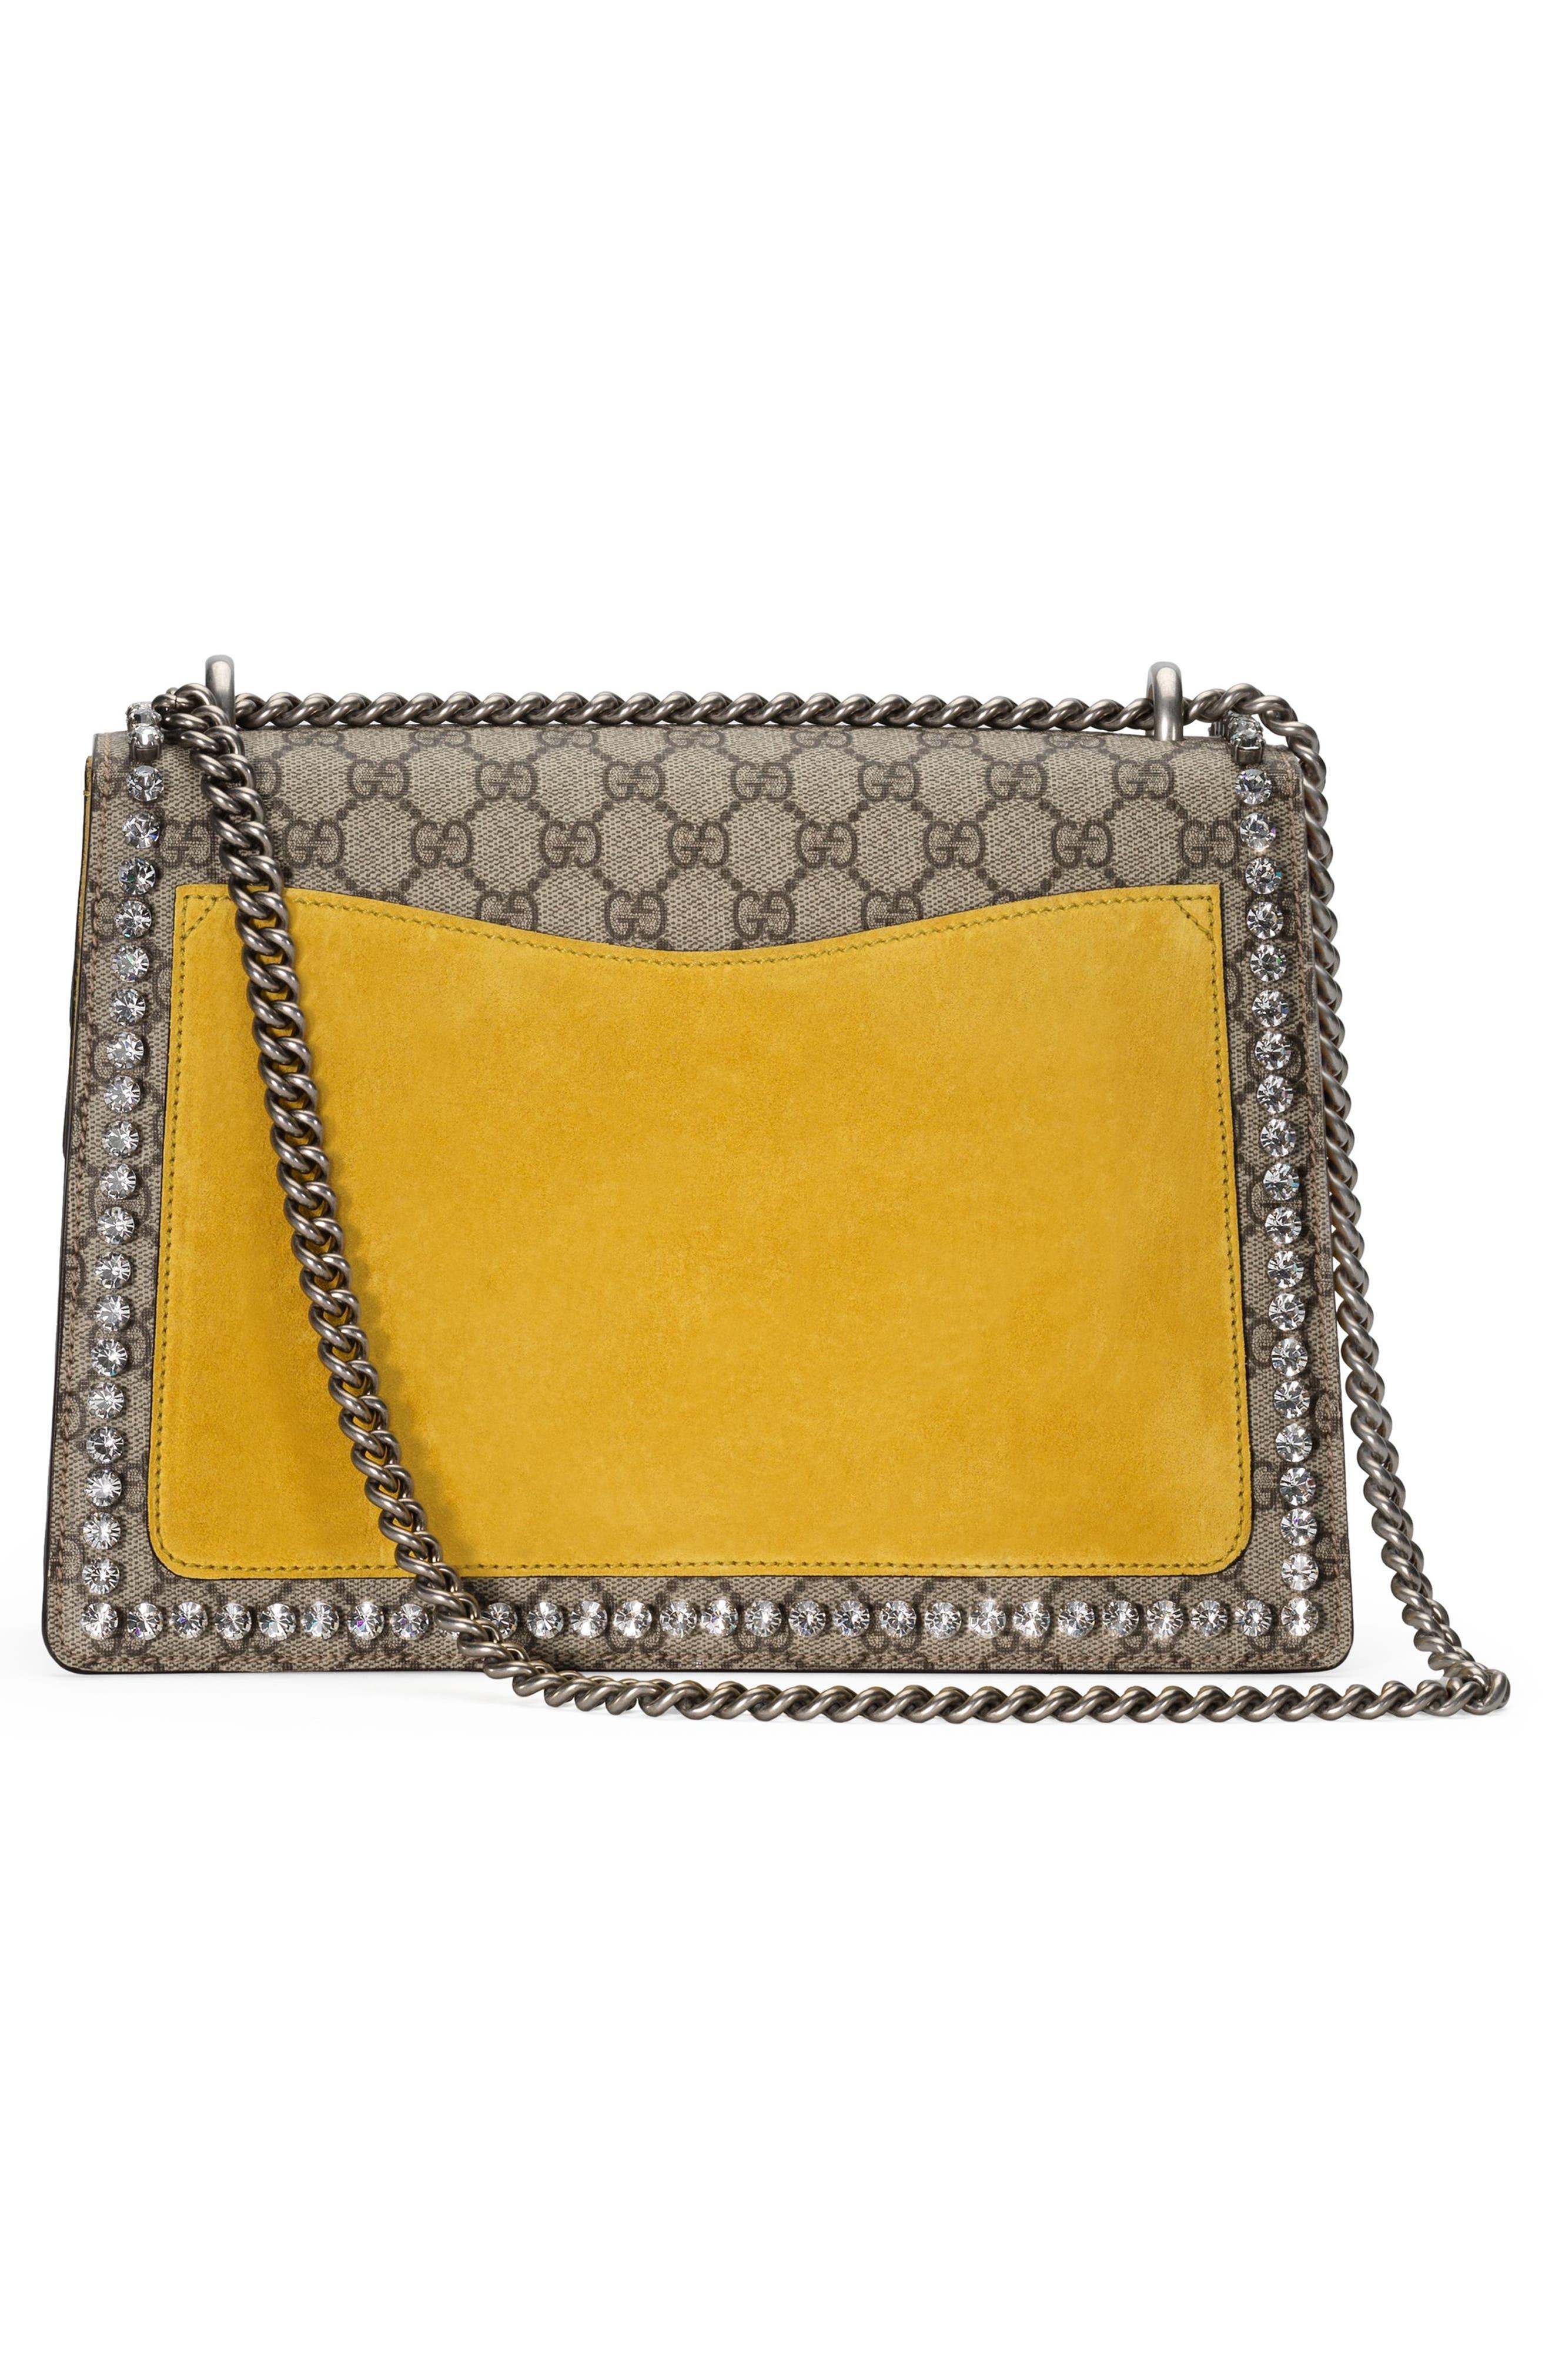 Medium Dionysus GG Supreme Canvas Shoulder Bag,                             Alternate thumbnail 2, color,                             Beige Ebony Crystal